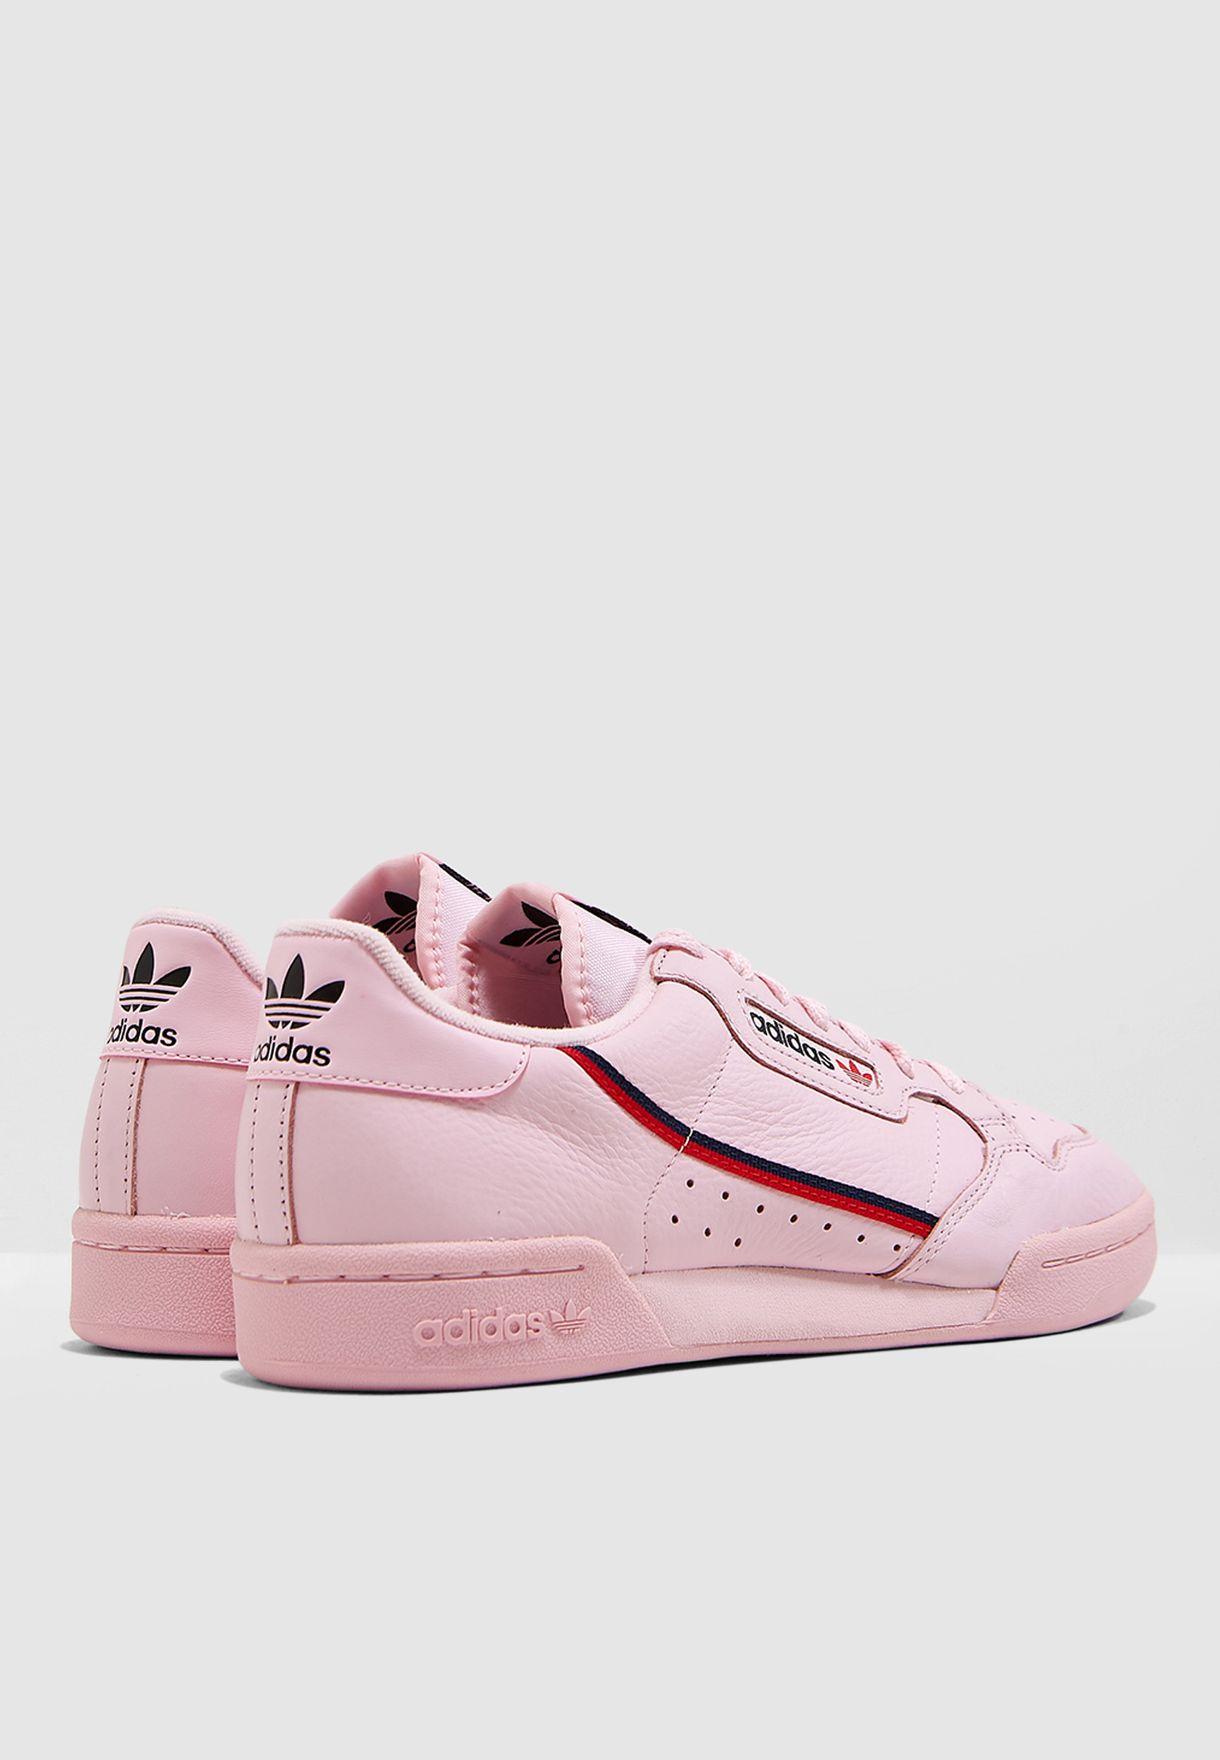 new arrival a20b0 d8961 adidas Originals. Continental 80